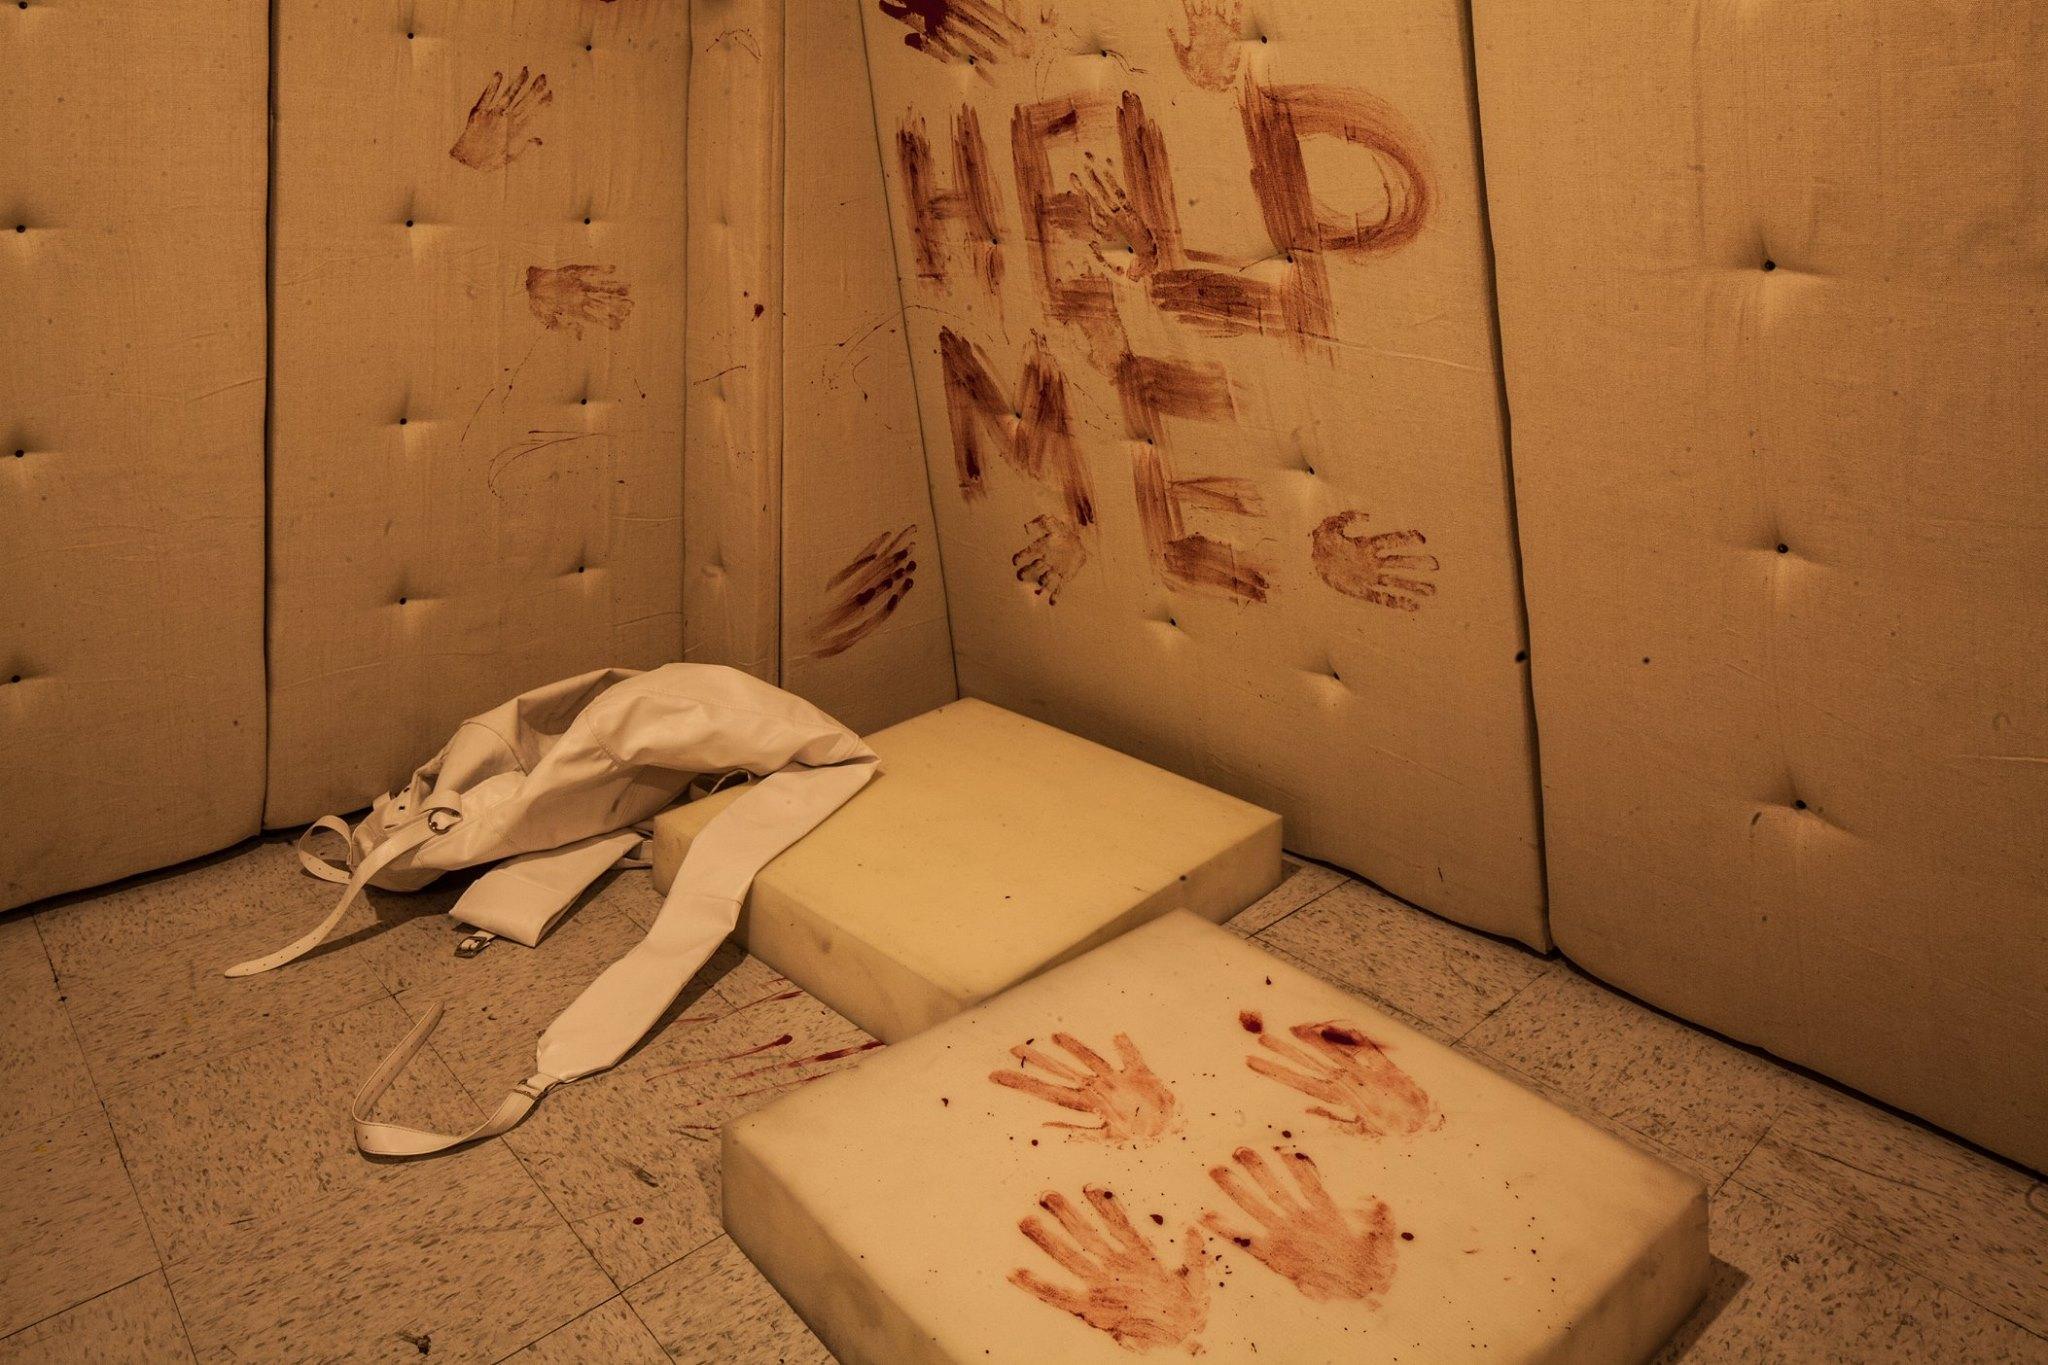 Insane asylum escape room